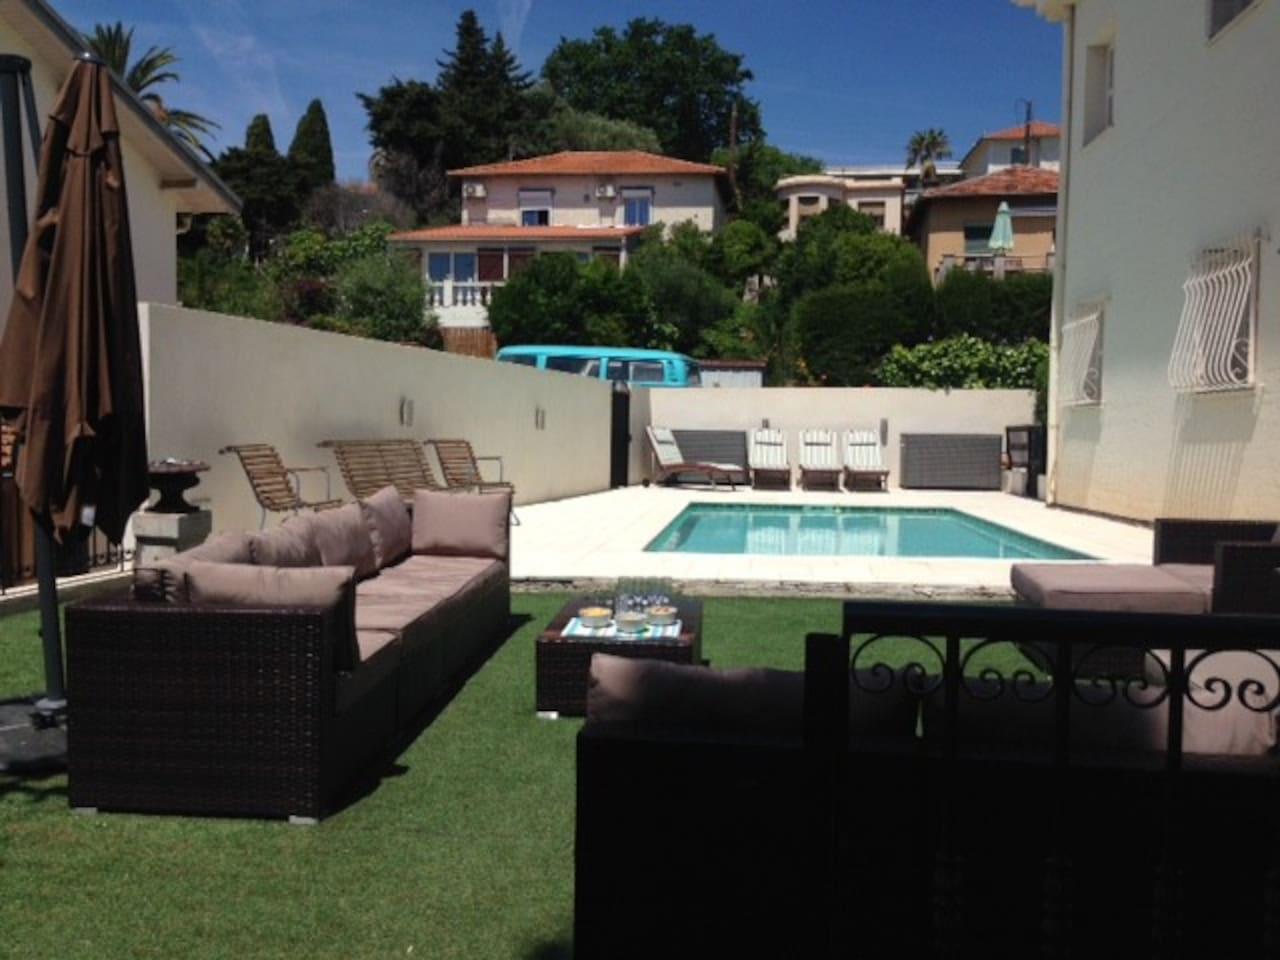 Appartement dans une villa avec piscine et grand salon de jardin.